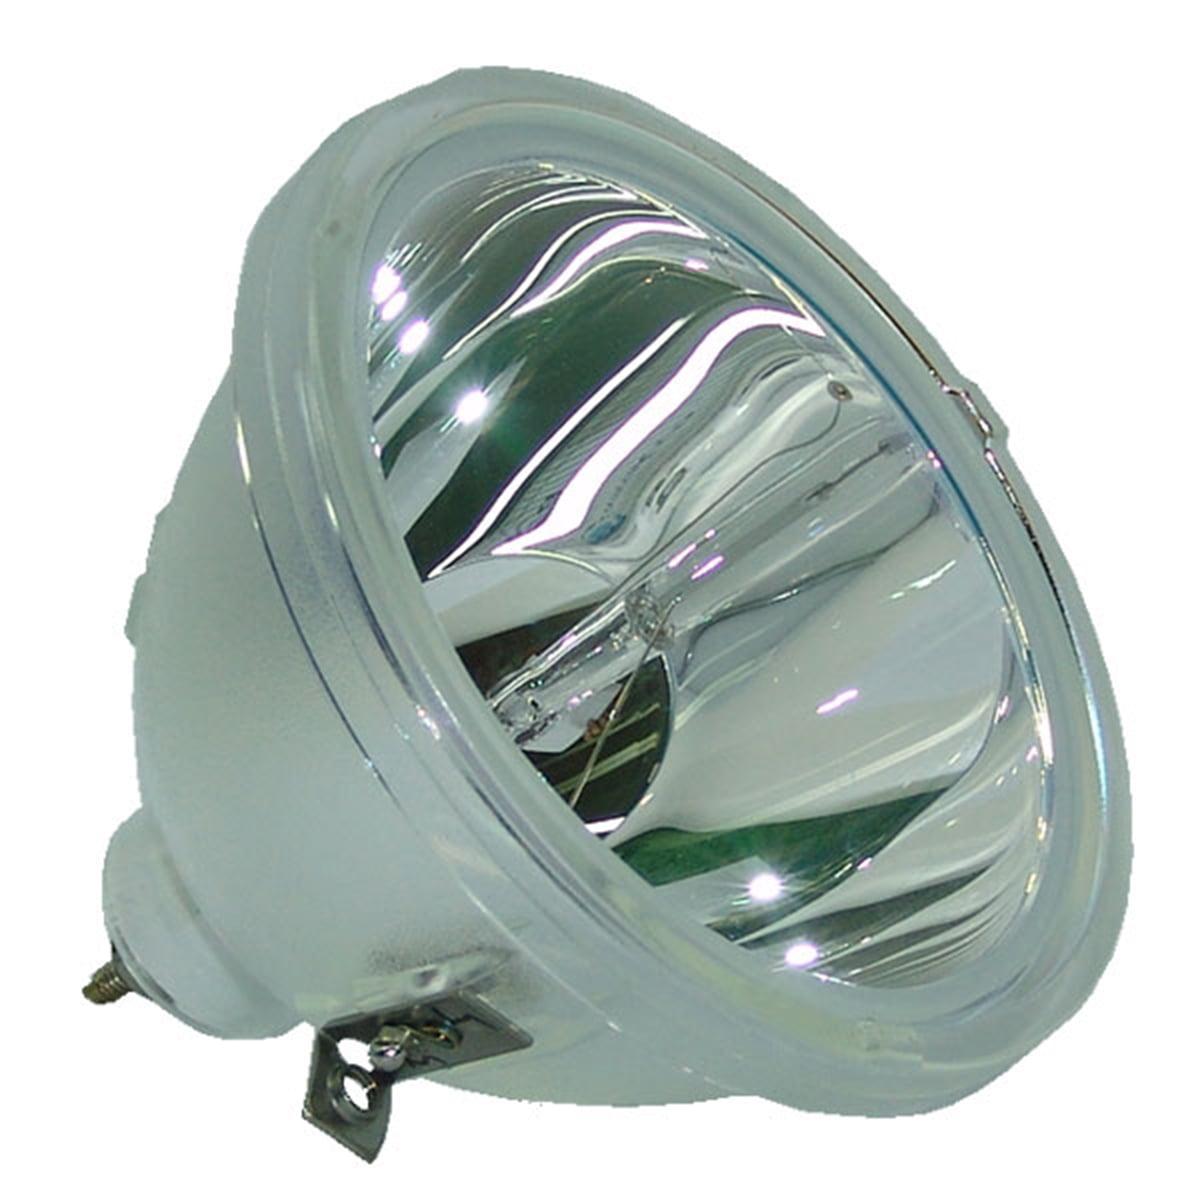 Lampe de rechange Philips originale pour t�l�viseur Viore IPT46DLP30 (ampoule uniquement) - image 1 de 5